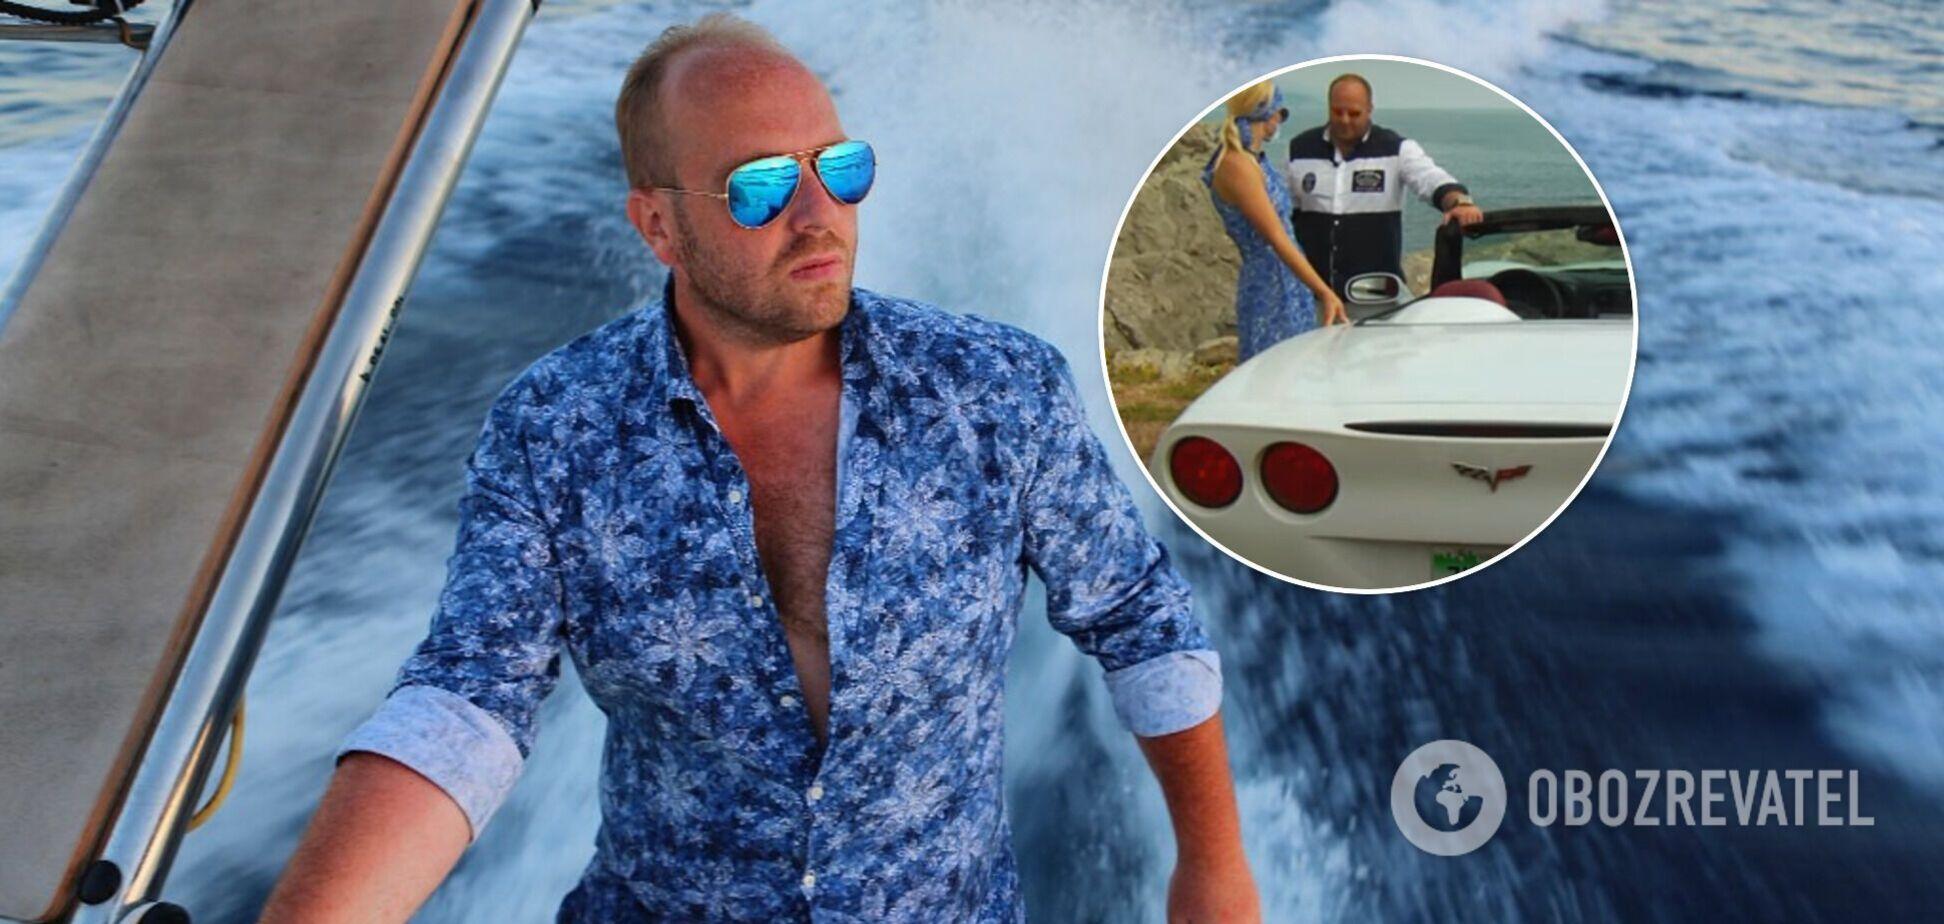 Чем увлекается организатор голой фотосессии в ОАЭ Гречин: в сети показали элитные яхты и авто